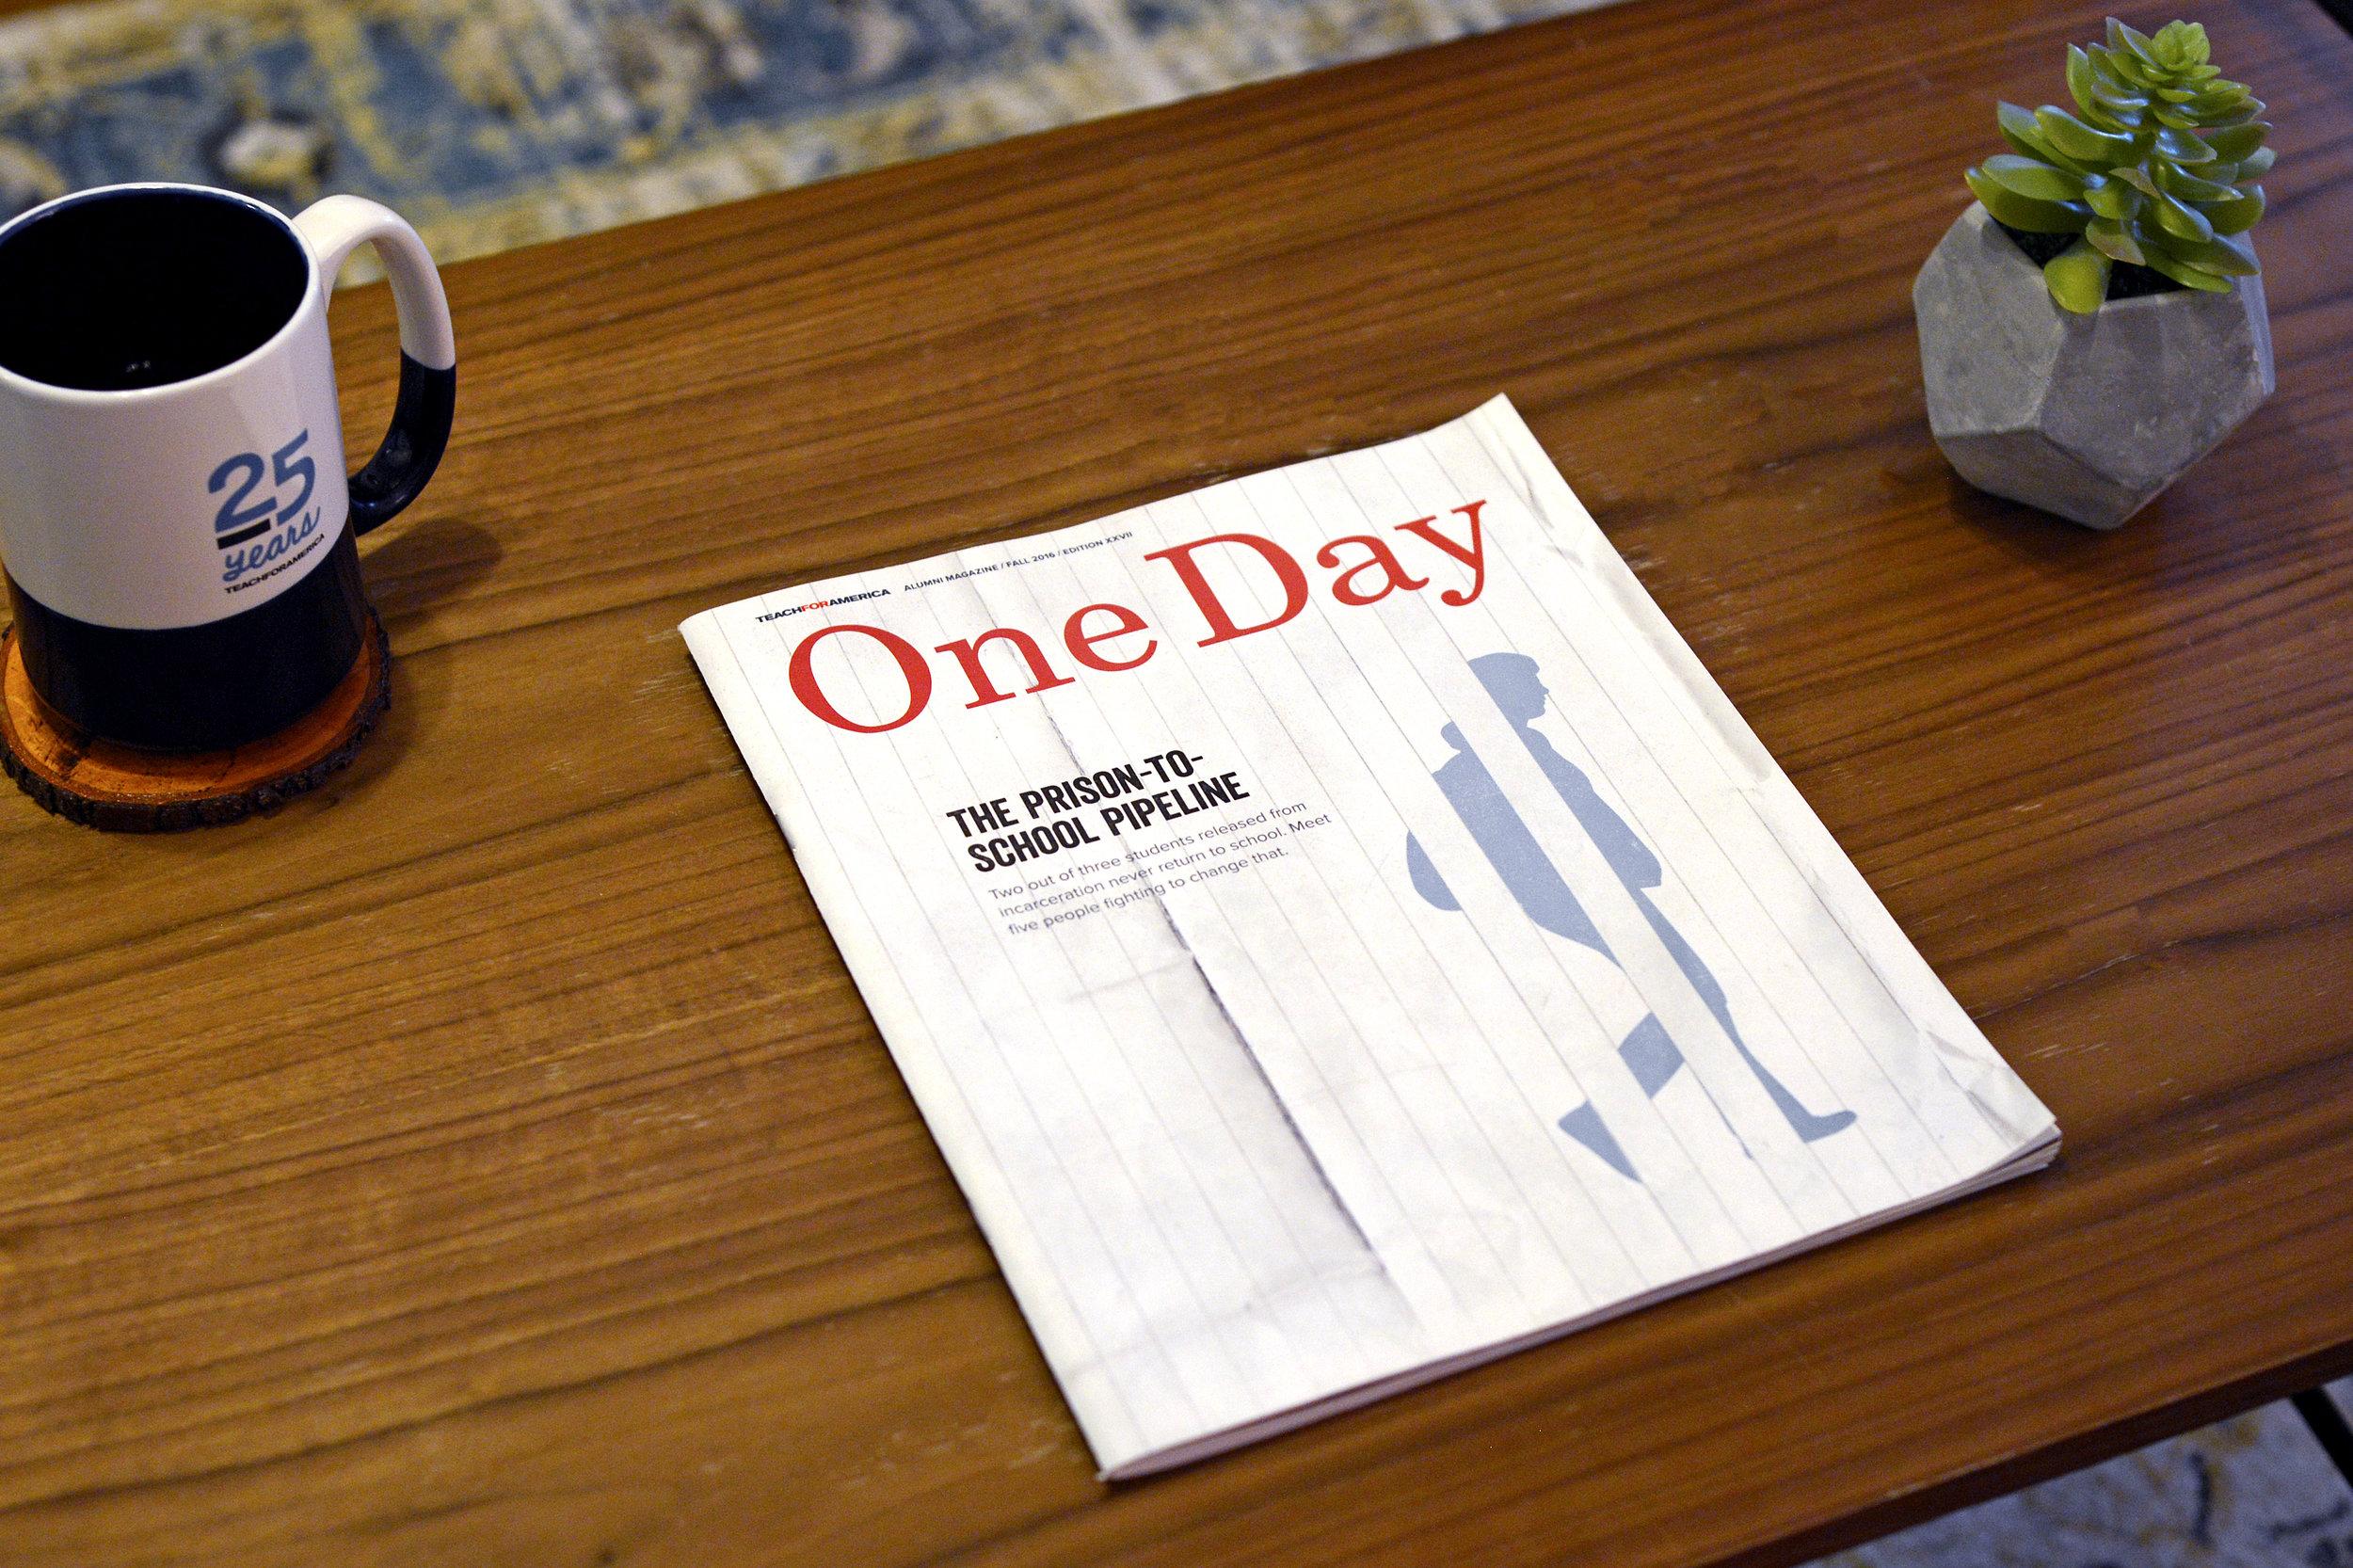 oneday-1.jpg